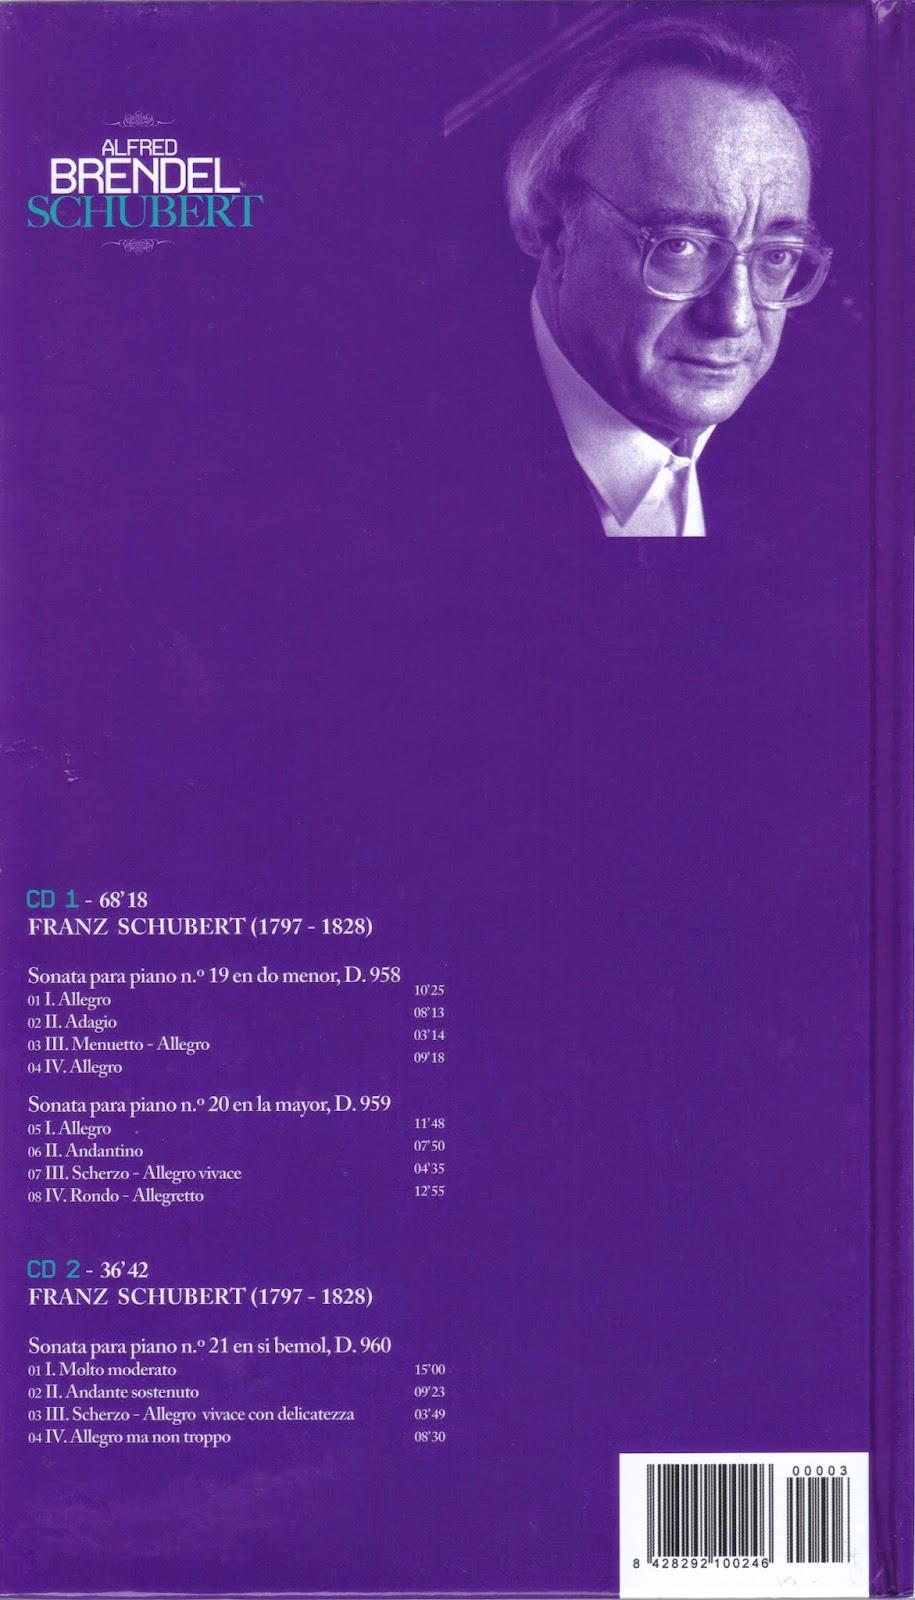 Imagen de Colección Los Genios del Piano-03-Alfred Brendel & Schubert-trasera